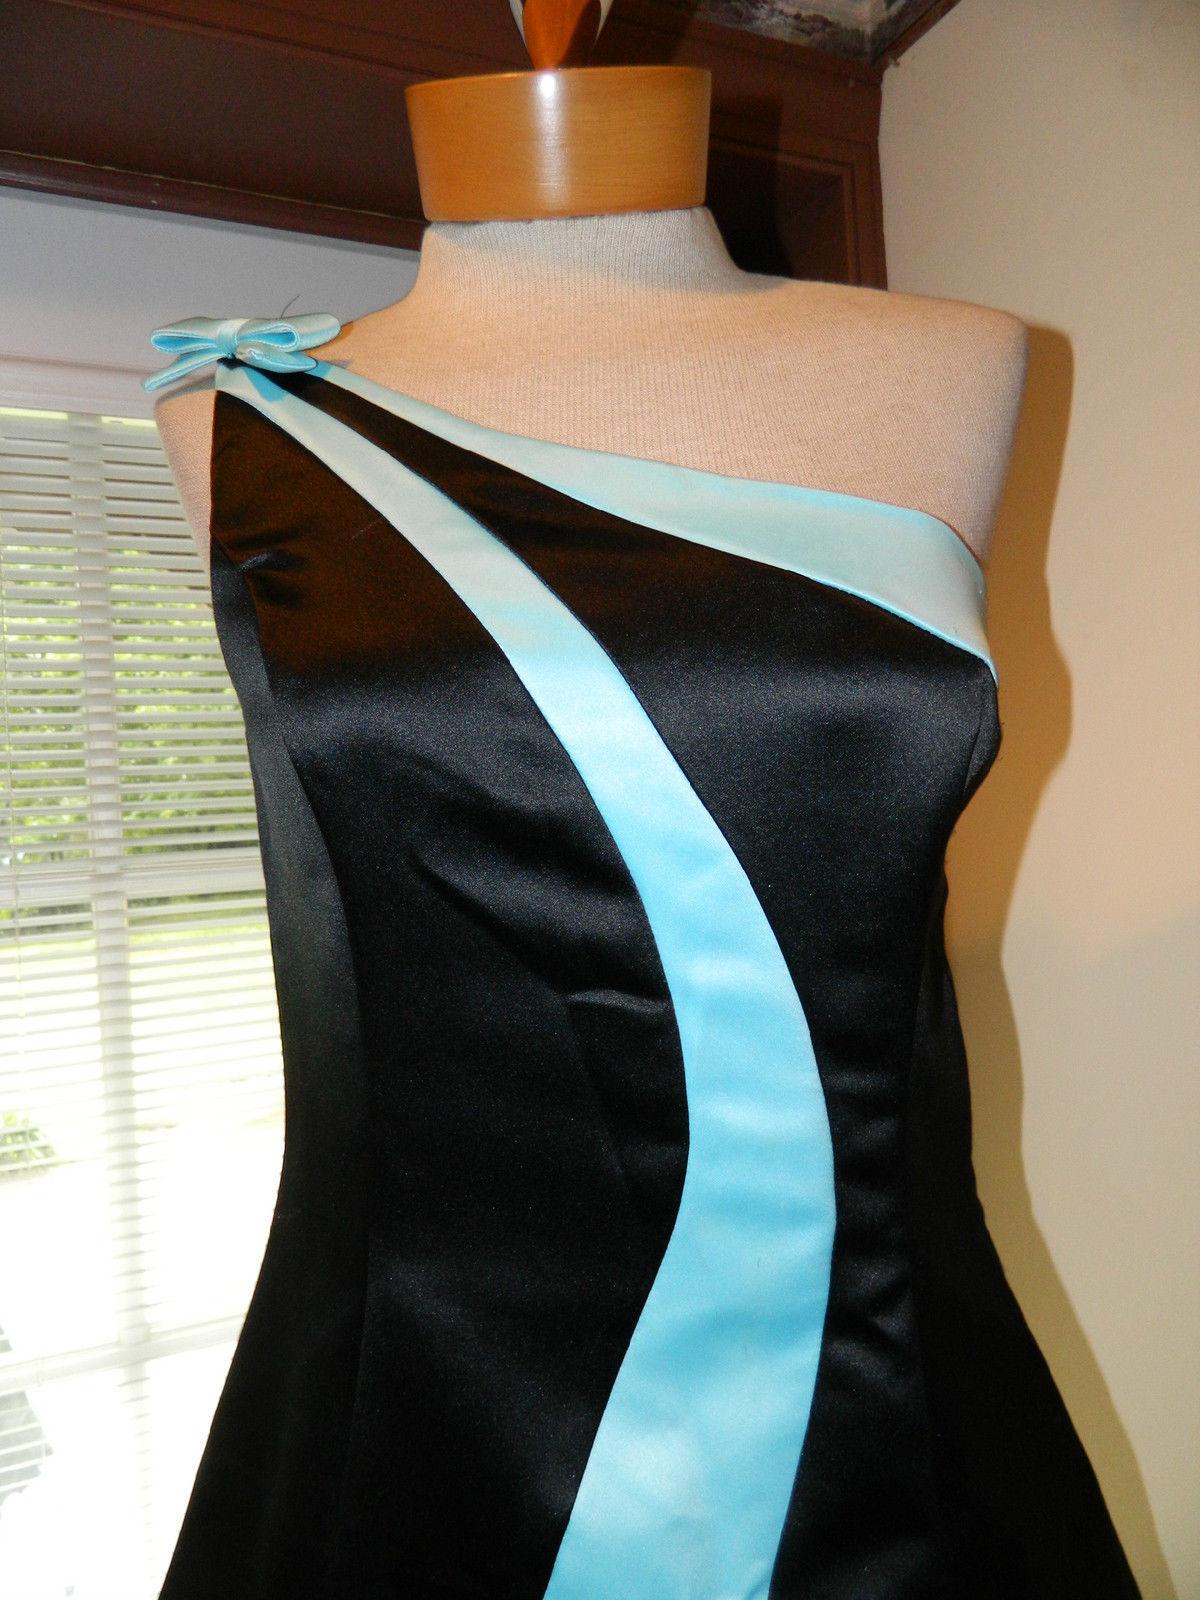 aaf4b7e47f kgrhqz oqfigltnkribsf vo jl 60 57. kgrhqz oqfigltnkribsf vo jl 60 57.  Previous. Jessica McClintock size 7 one shoulder Prom Homecoming Pageant  dress New